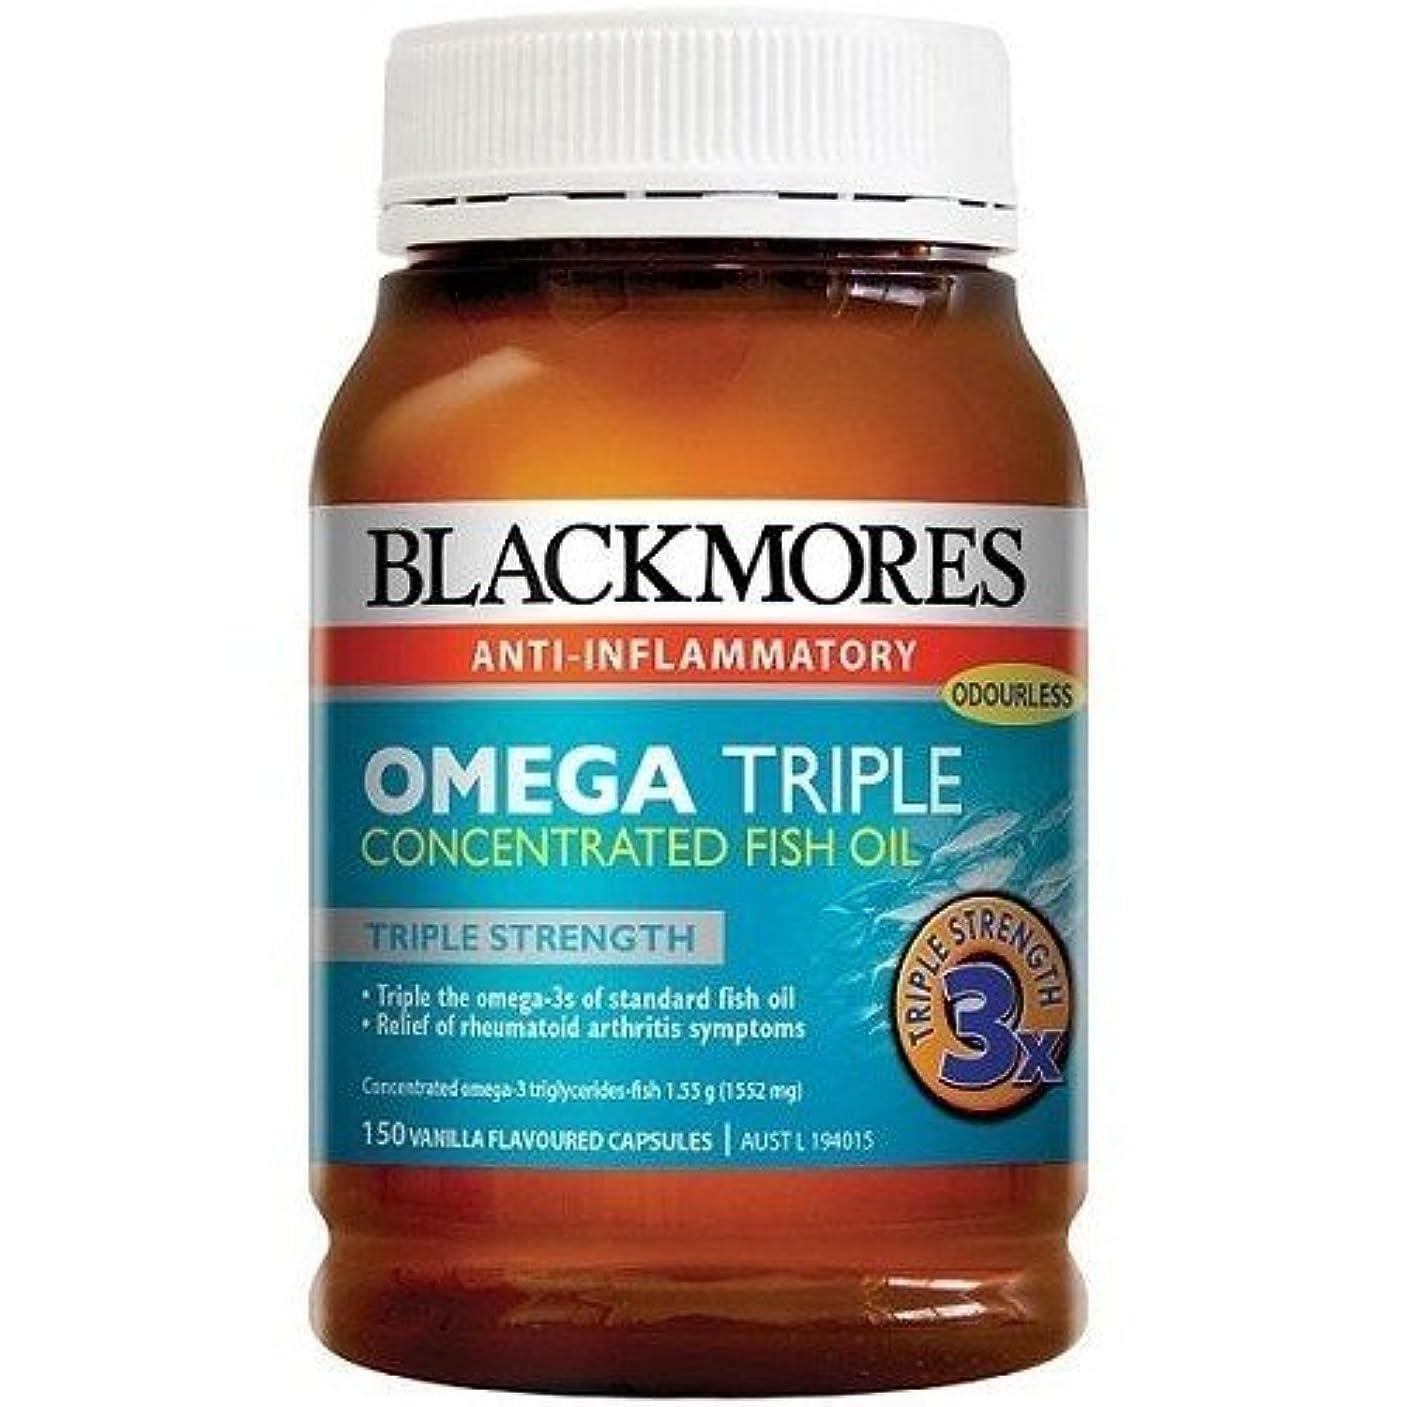 囲いクリーナー通り抜けるBlackmores Omega Triple Concentrated Fish oil 150 cap by Blackmores